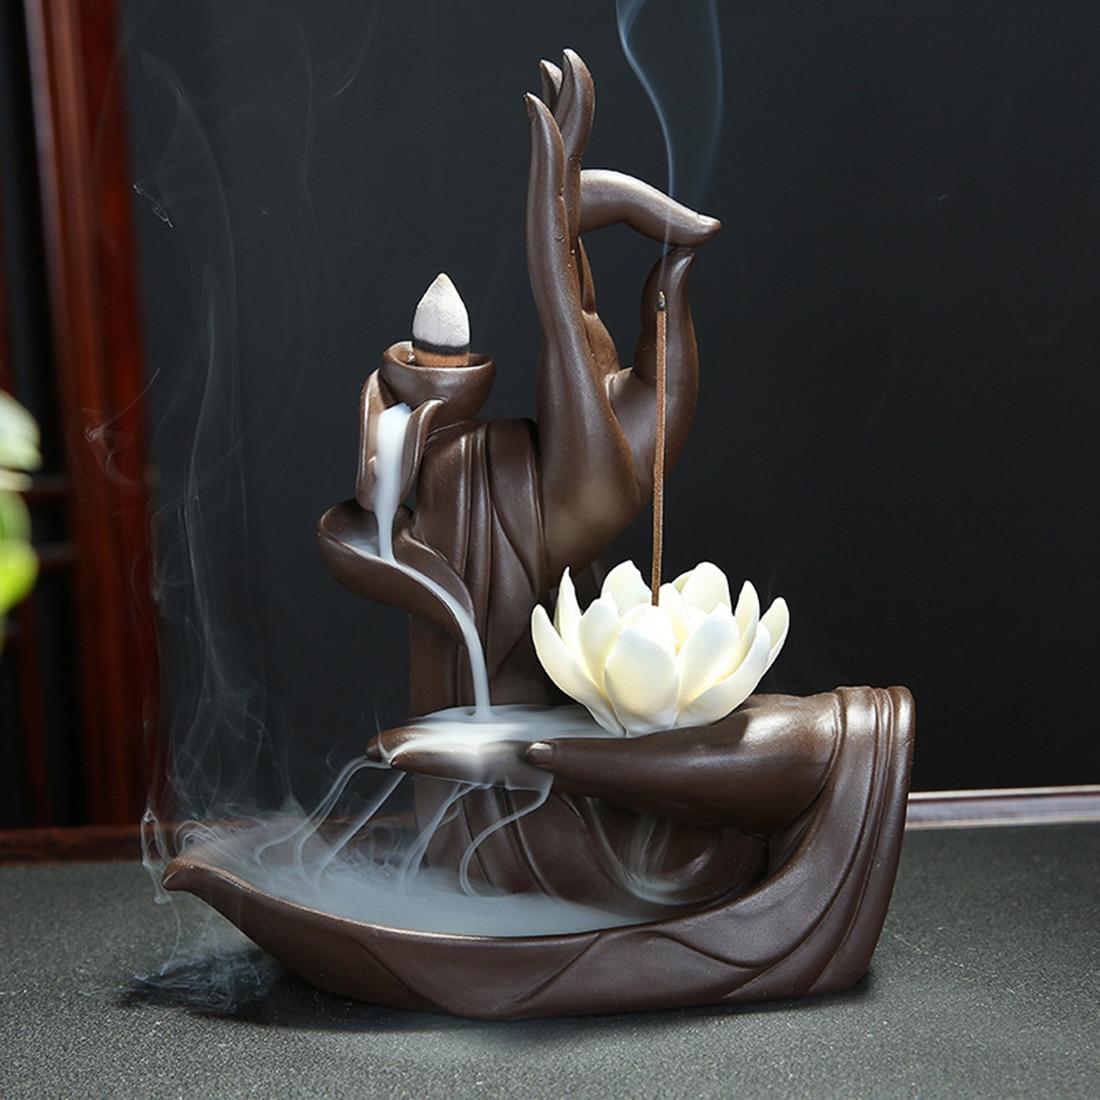 Brûleur d'encens en céramique Tathagata Bouddha Lotus cônes d'encens porte-bâton + 10pc cône encens créatif maison Bouddha décor